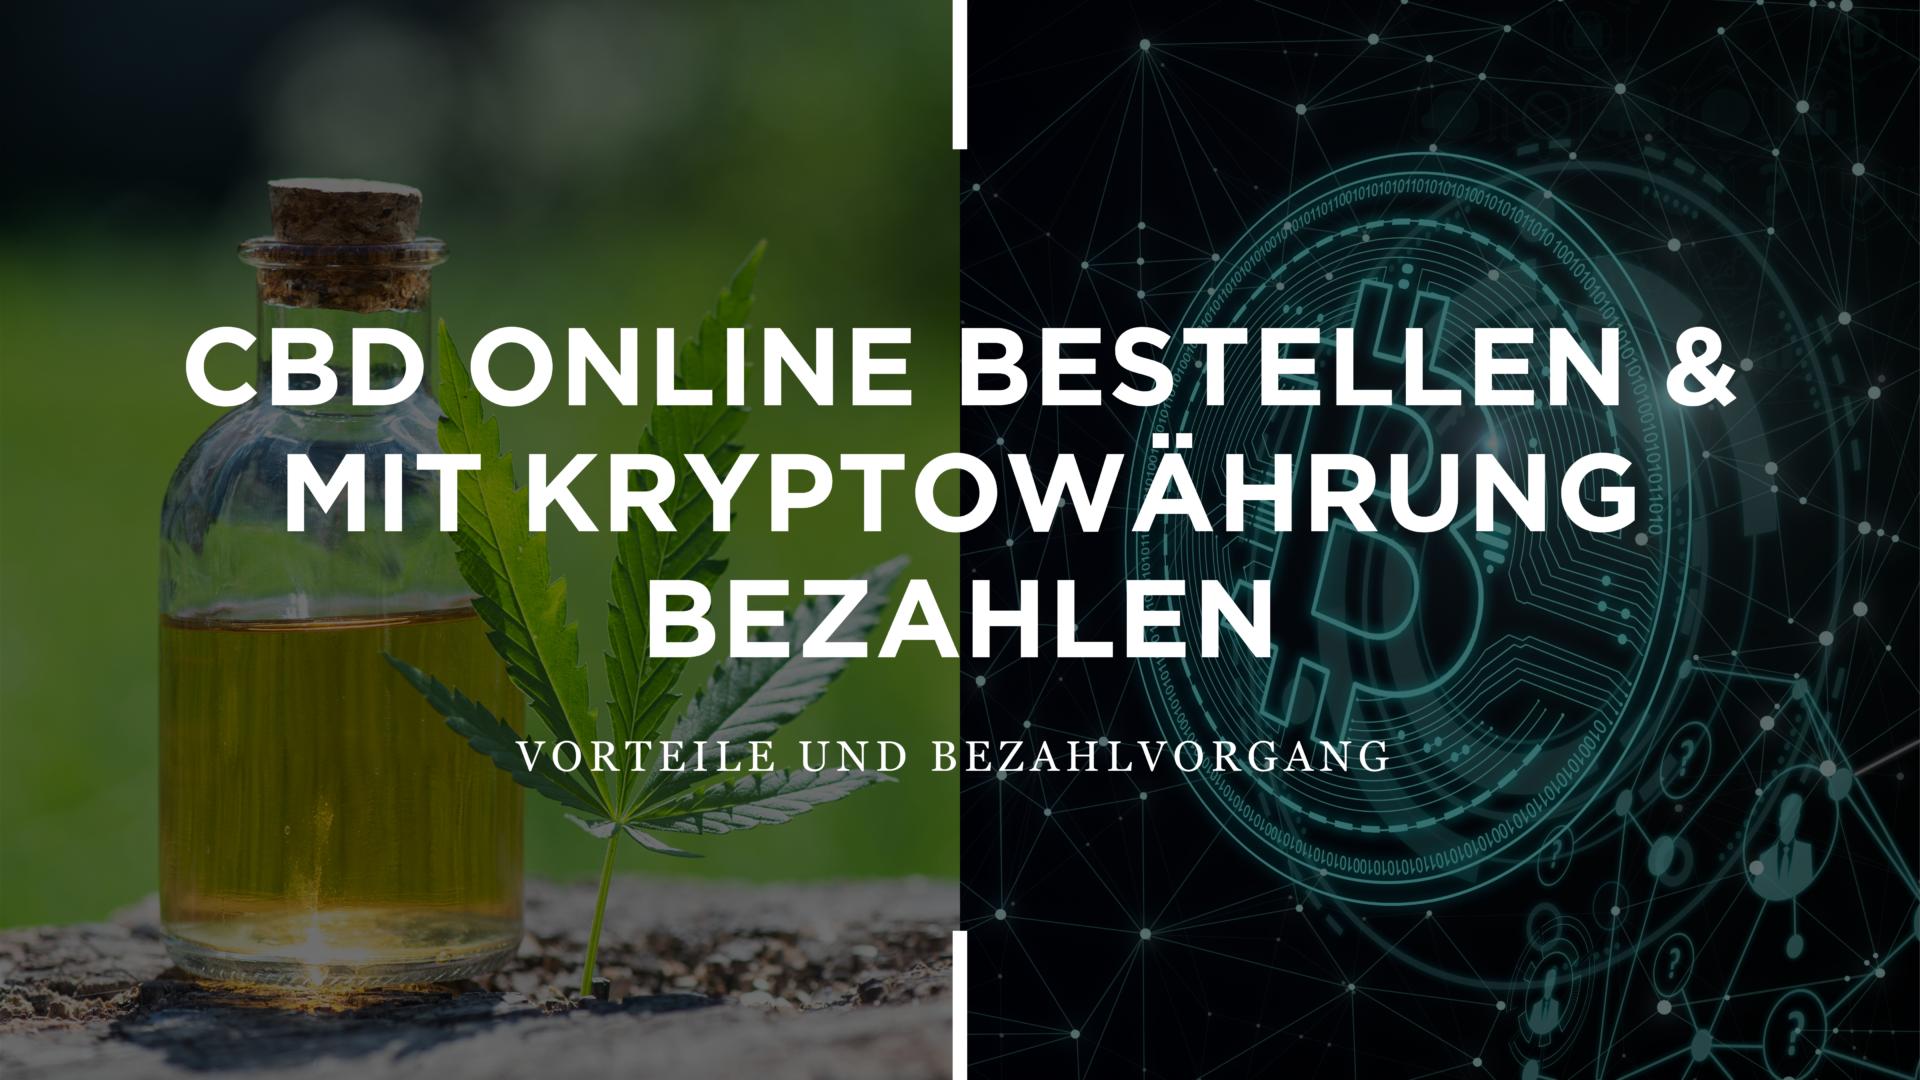 CBD online bestellen und mit Kryptowährung bezahlen: Vorteile und Bezahlvorgang